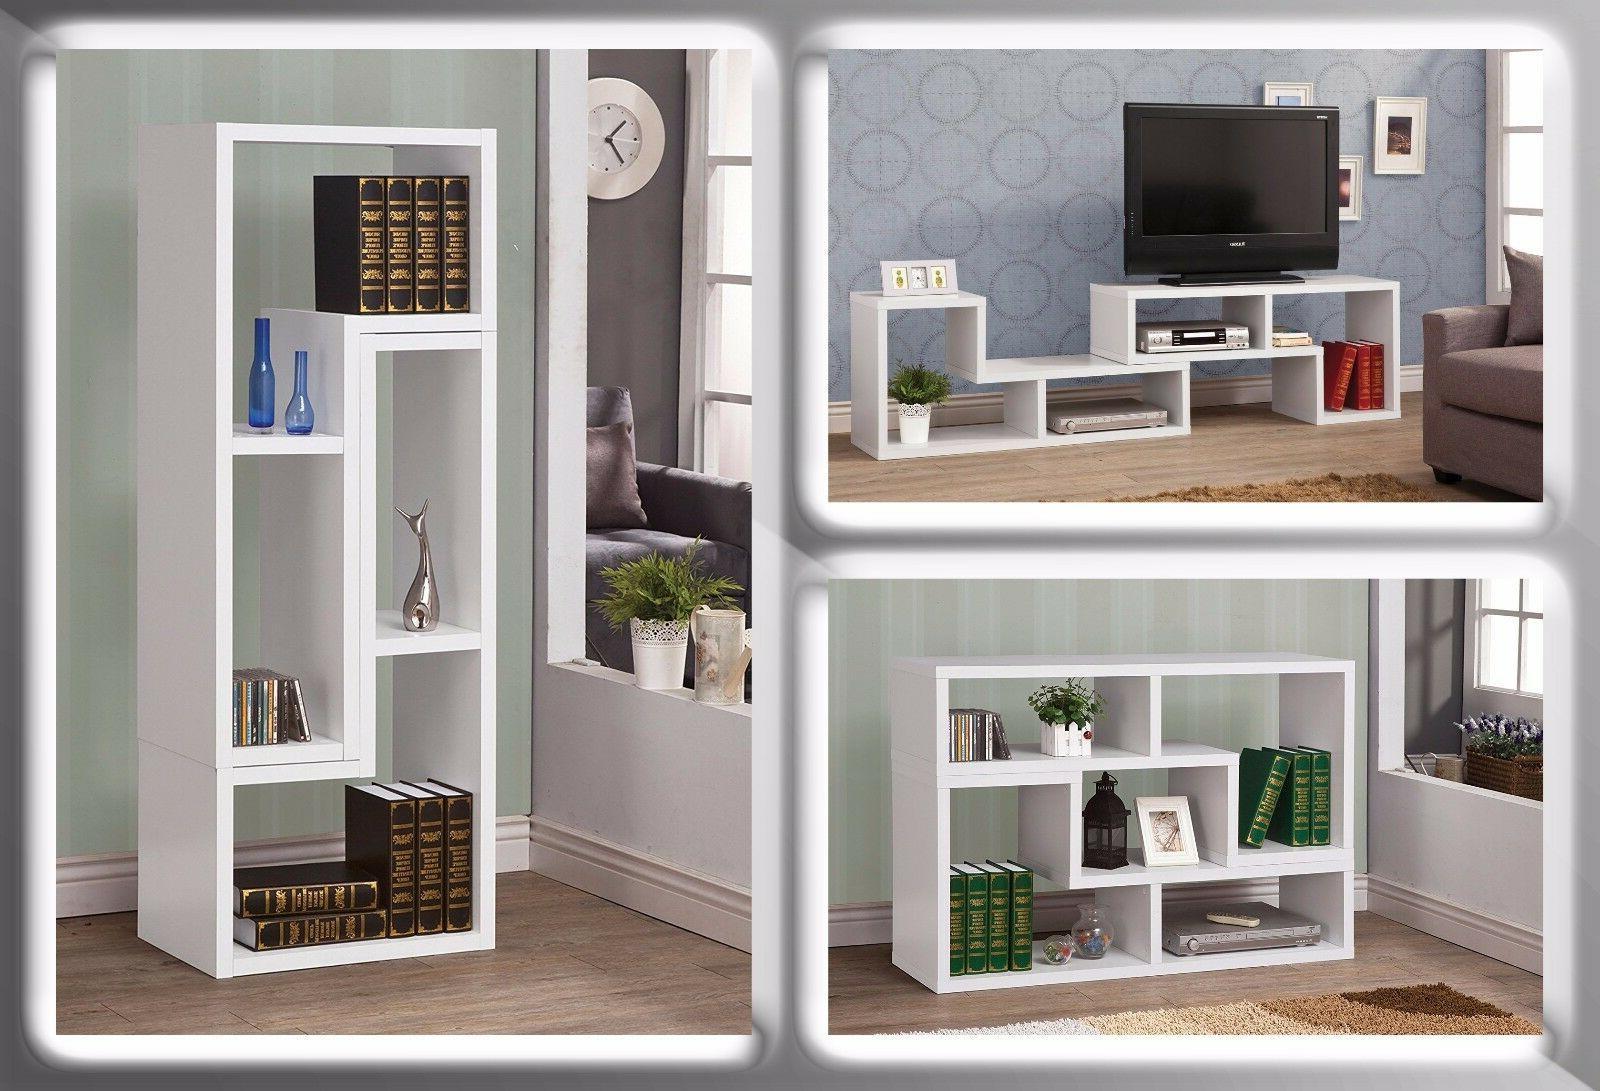 TV Stand Modern Bookcase Storage Organizer Wood Cabinet Cube